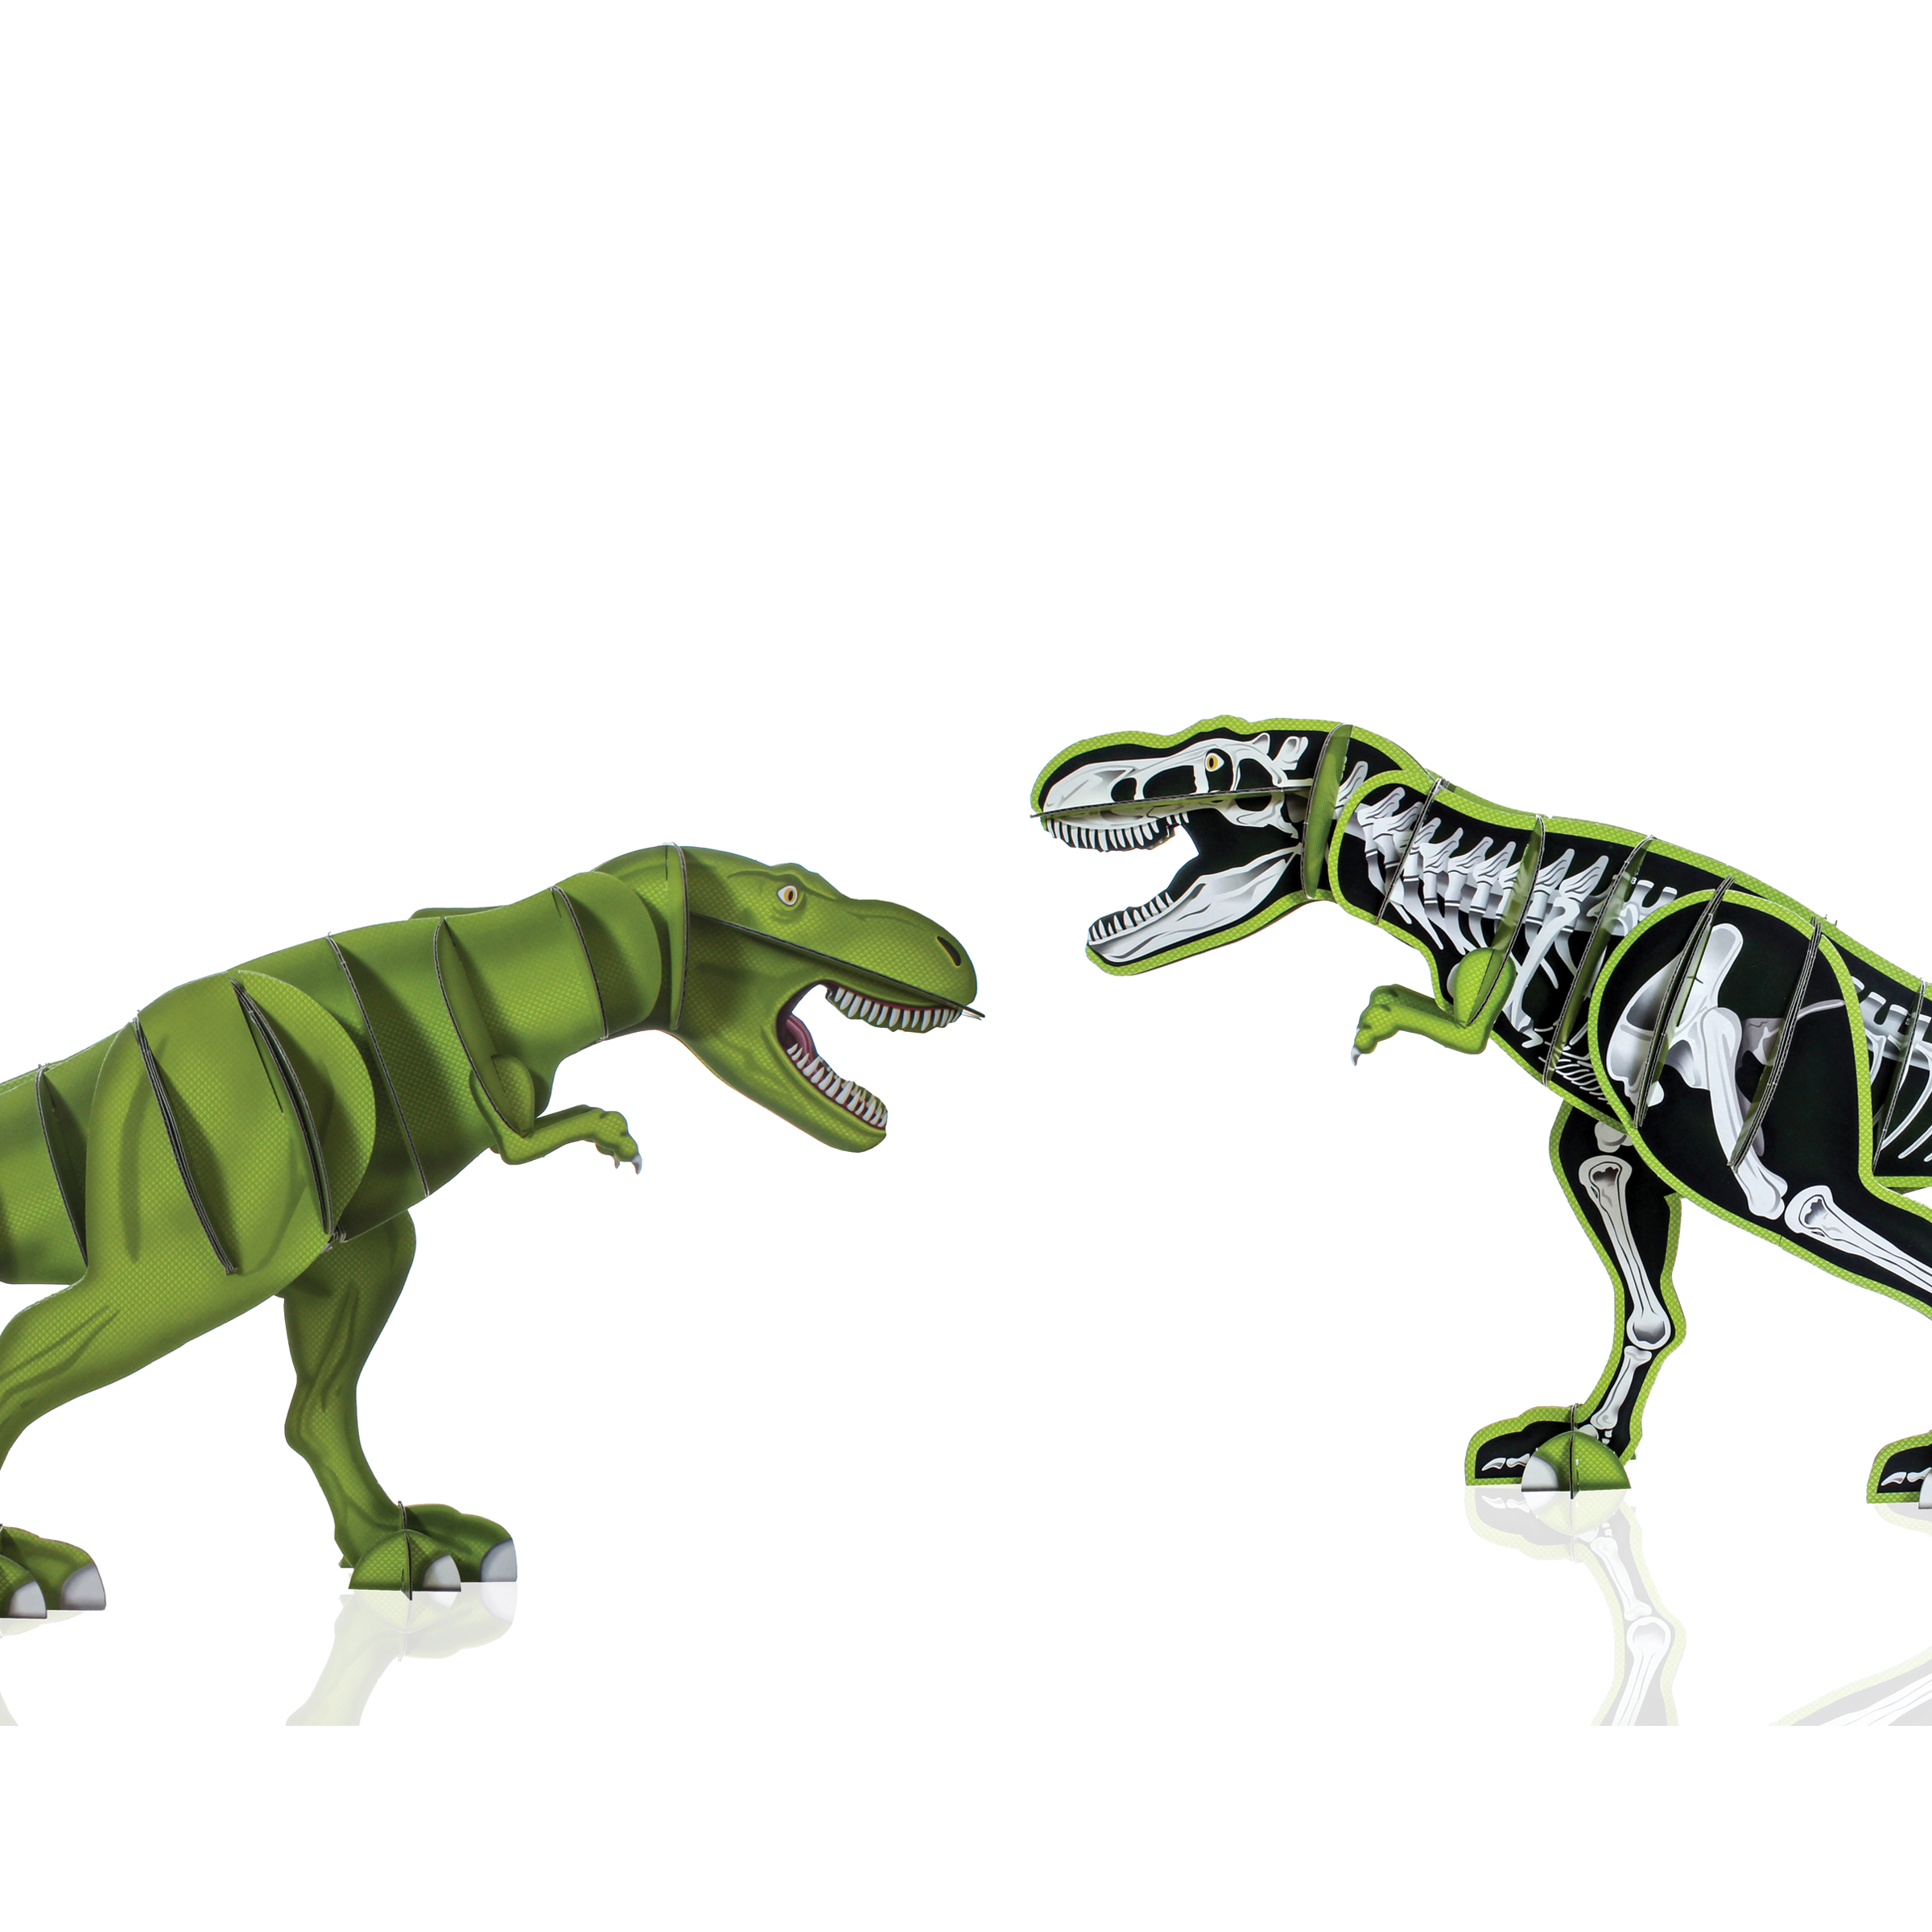 giant-dinosaur-model-kit-09.jpg